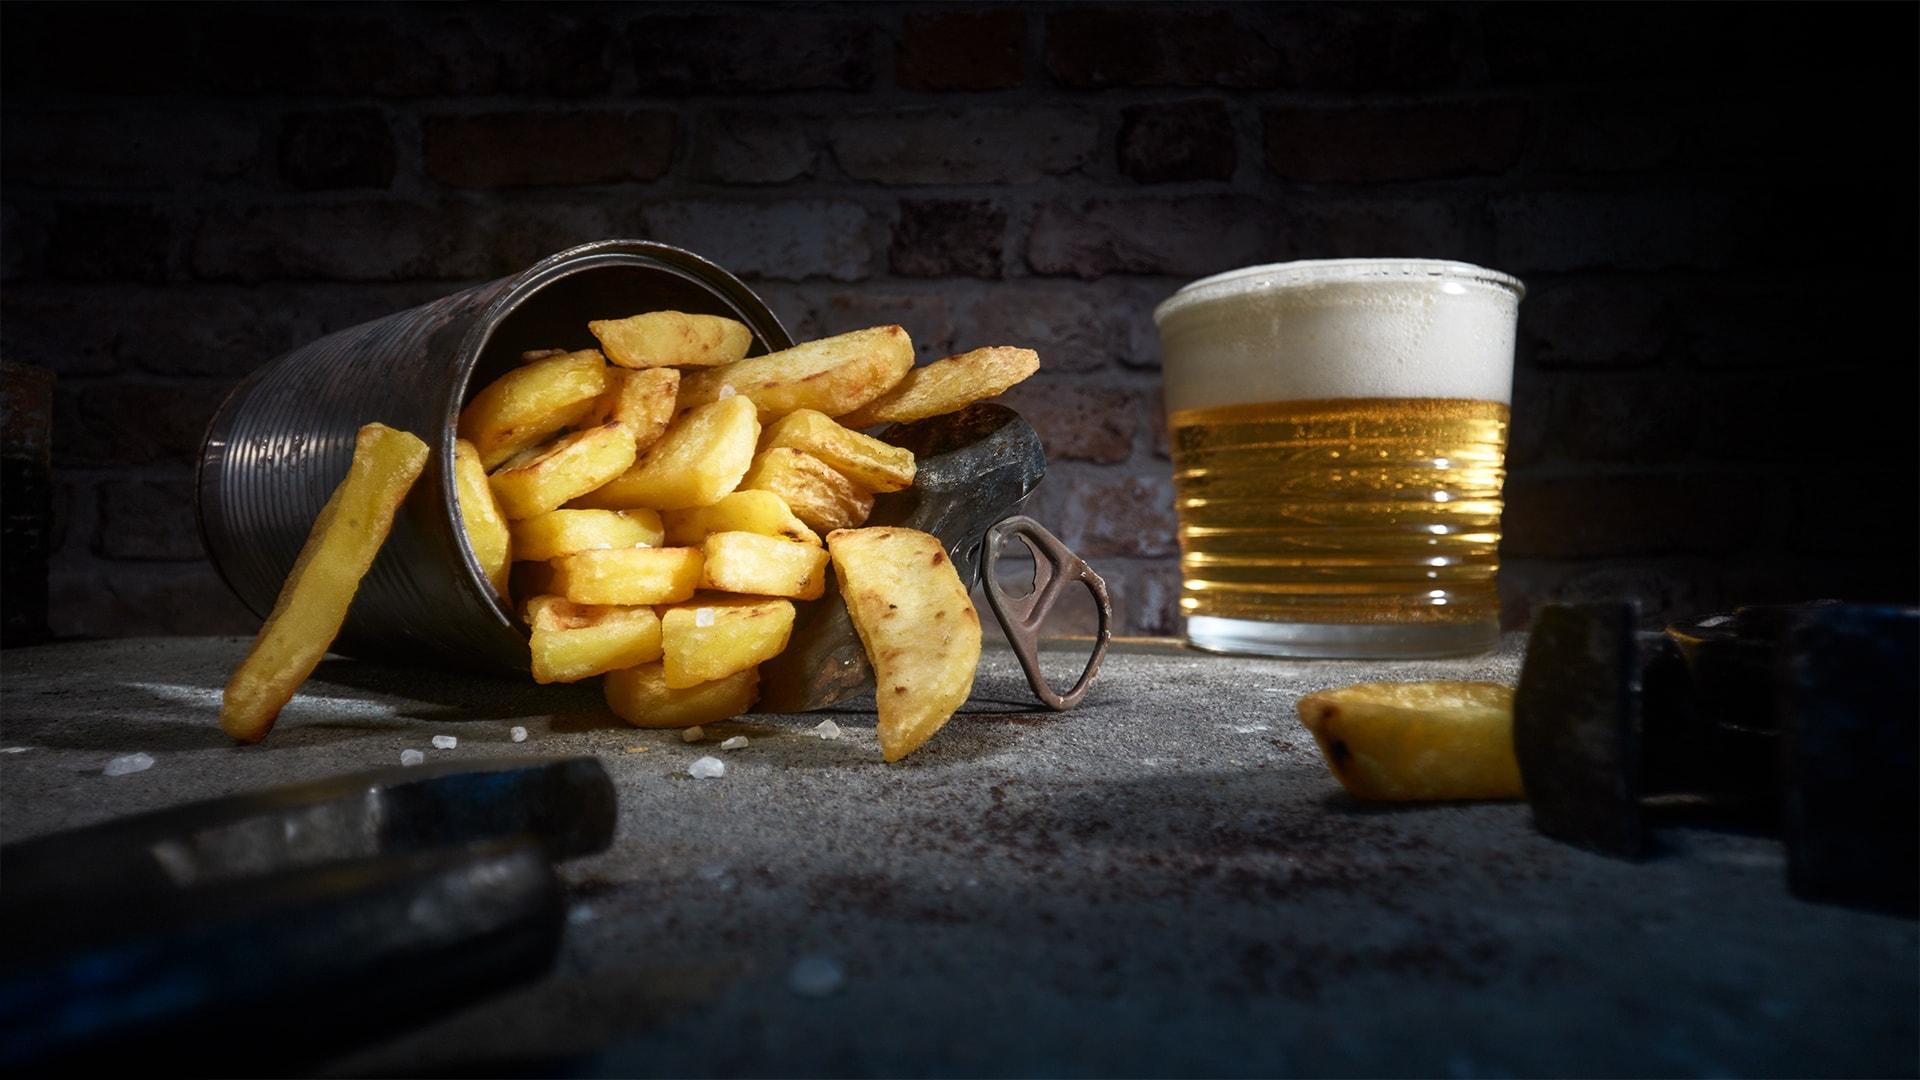 Still life Laowa Fotografia di prodotto food e beverage realizzata in studio fotografico commerciale con Laowa Venus Optics obiettivo 24mm f/14 2X Macro Probe